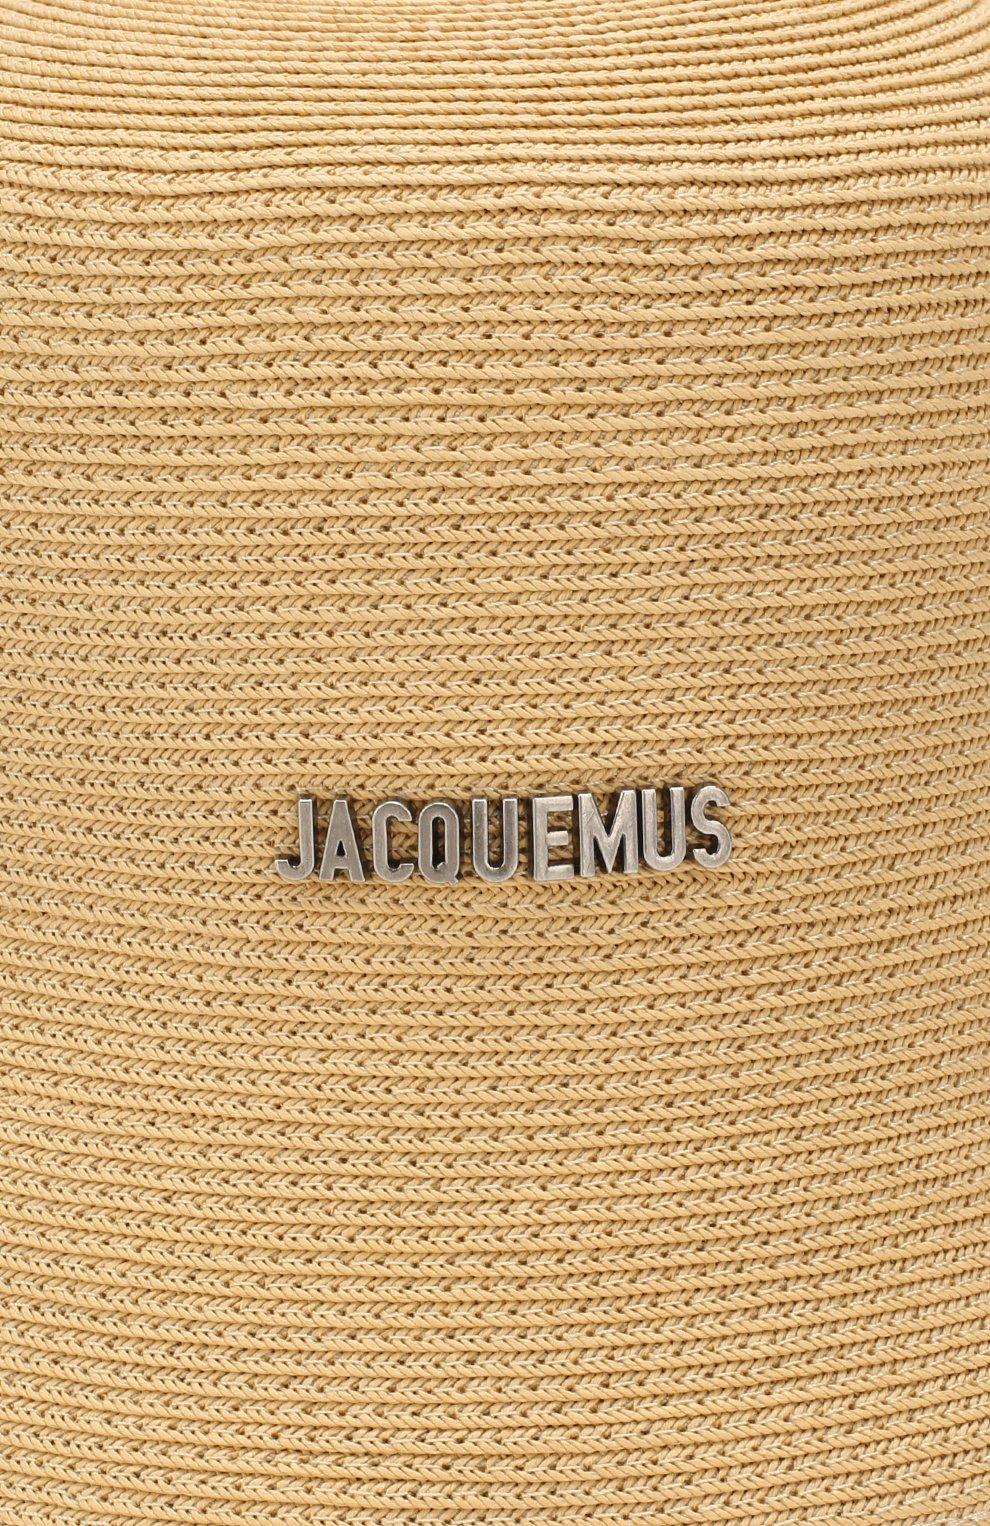 Женская панама JACQUEMUS бежевого цвета, арт. 201AC27/70120 | Фото 3